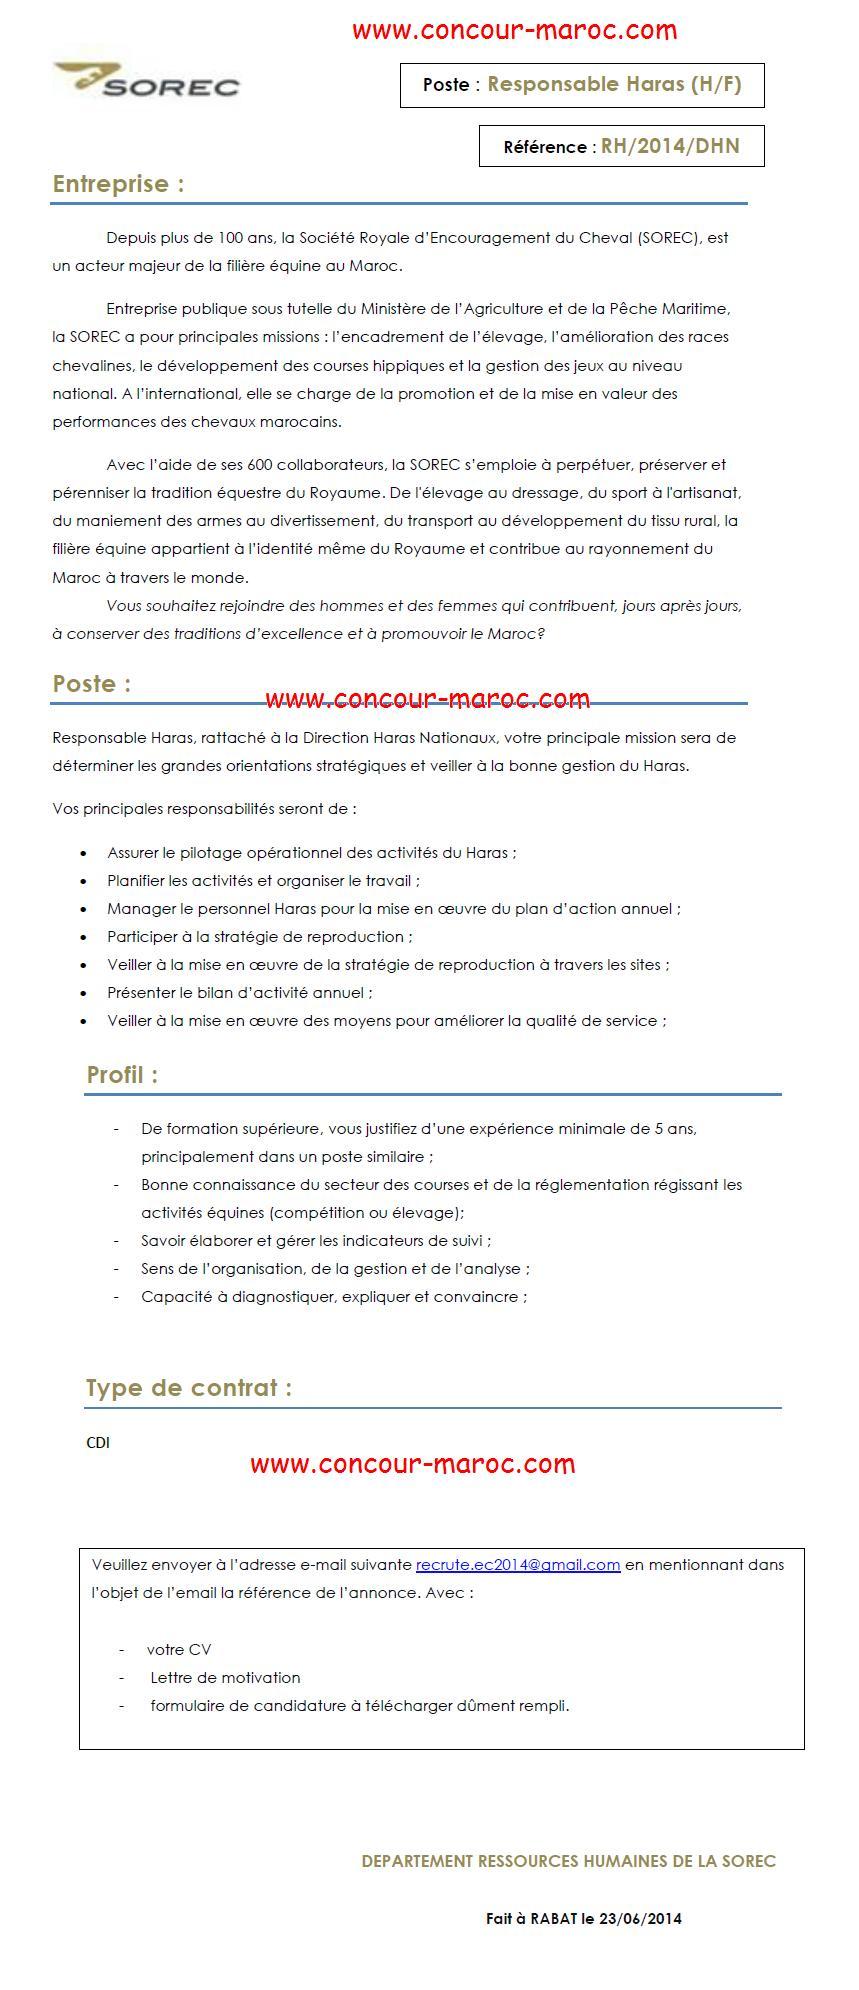 الشركة الملكية لتشجيع الفرس : مباراة لتوظيف مسؤول عن الحريسة (1 منصب) آخر أجل لإيداع الترشيحات 13 يوليوز 2014 Concou89